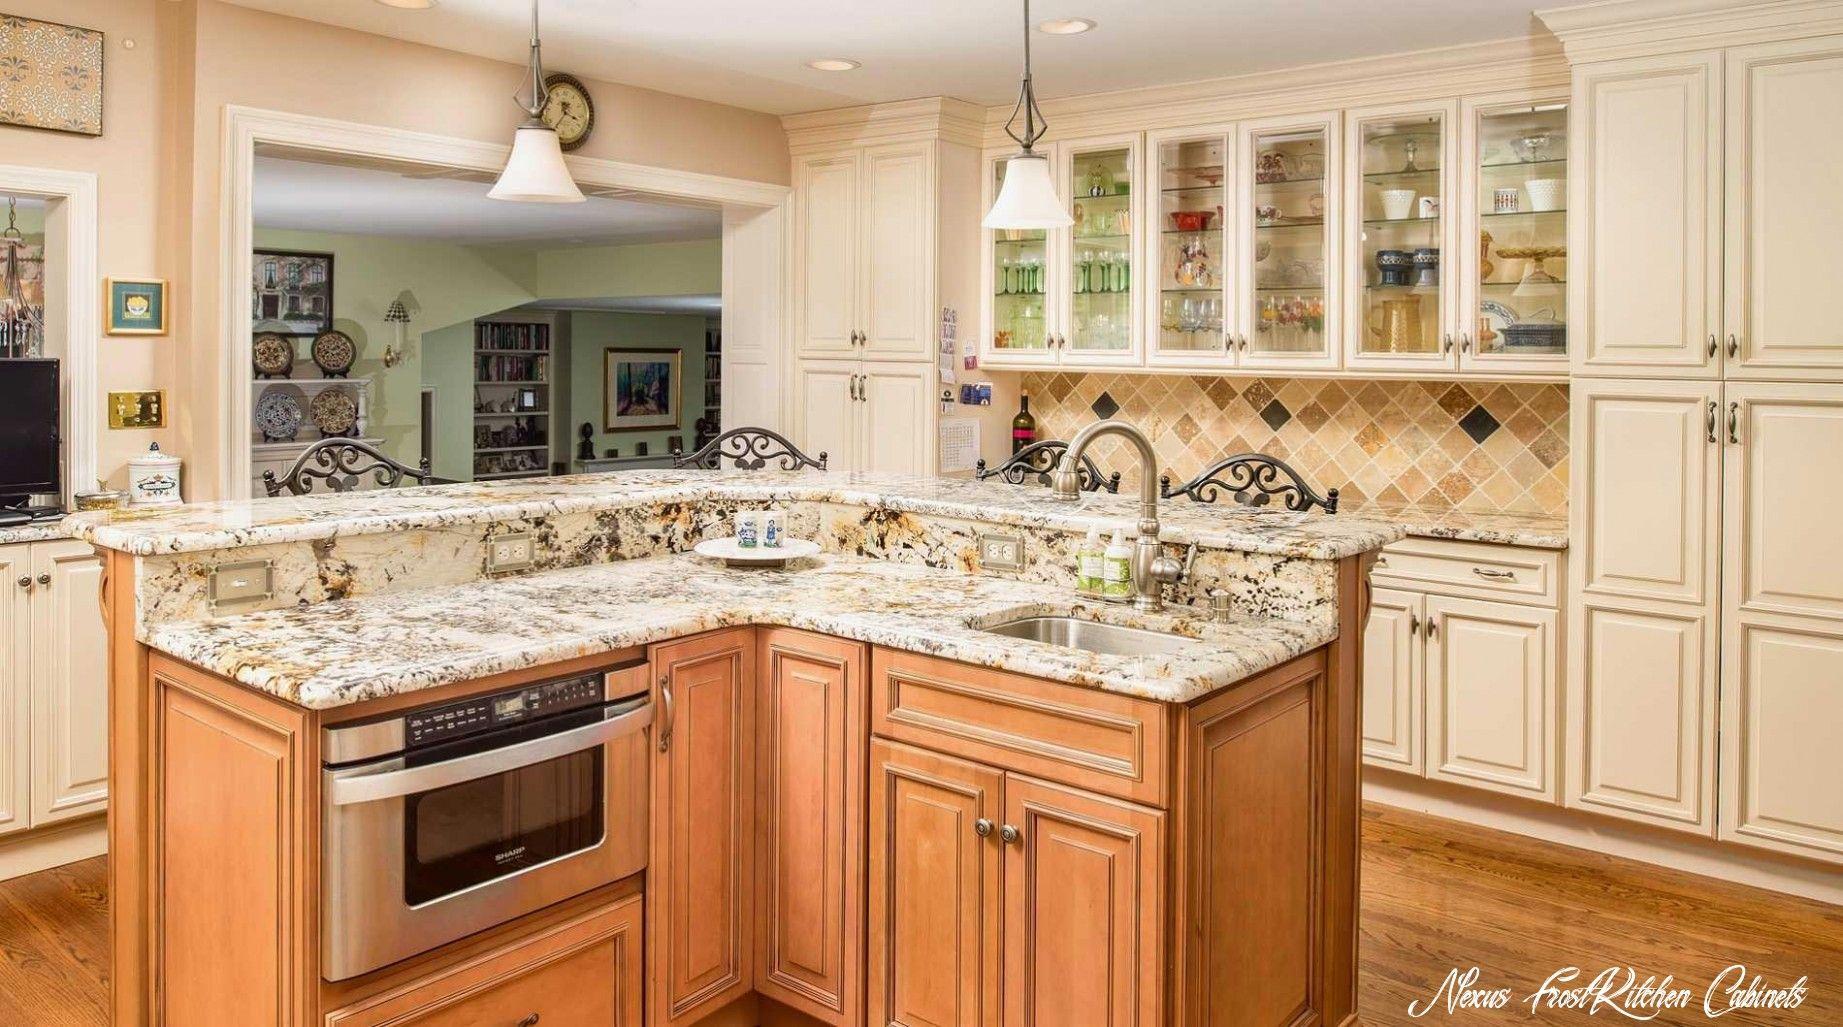 12 Nexus Frost Kitchen Cabinets in 2020 | Kitchen cabinet ...